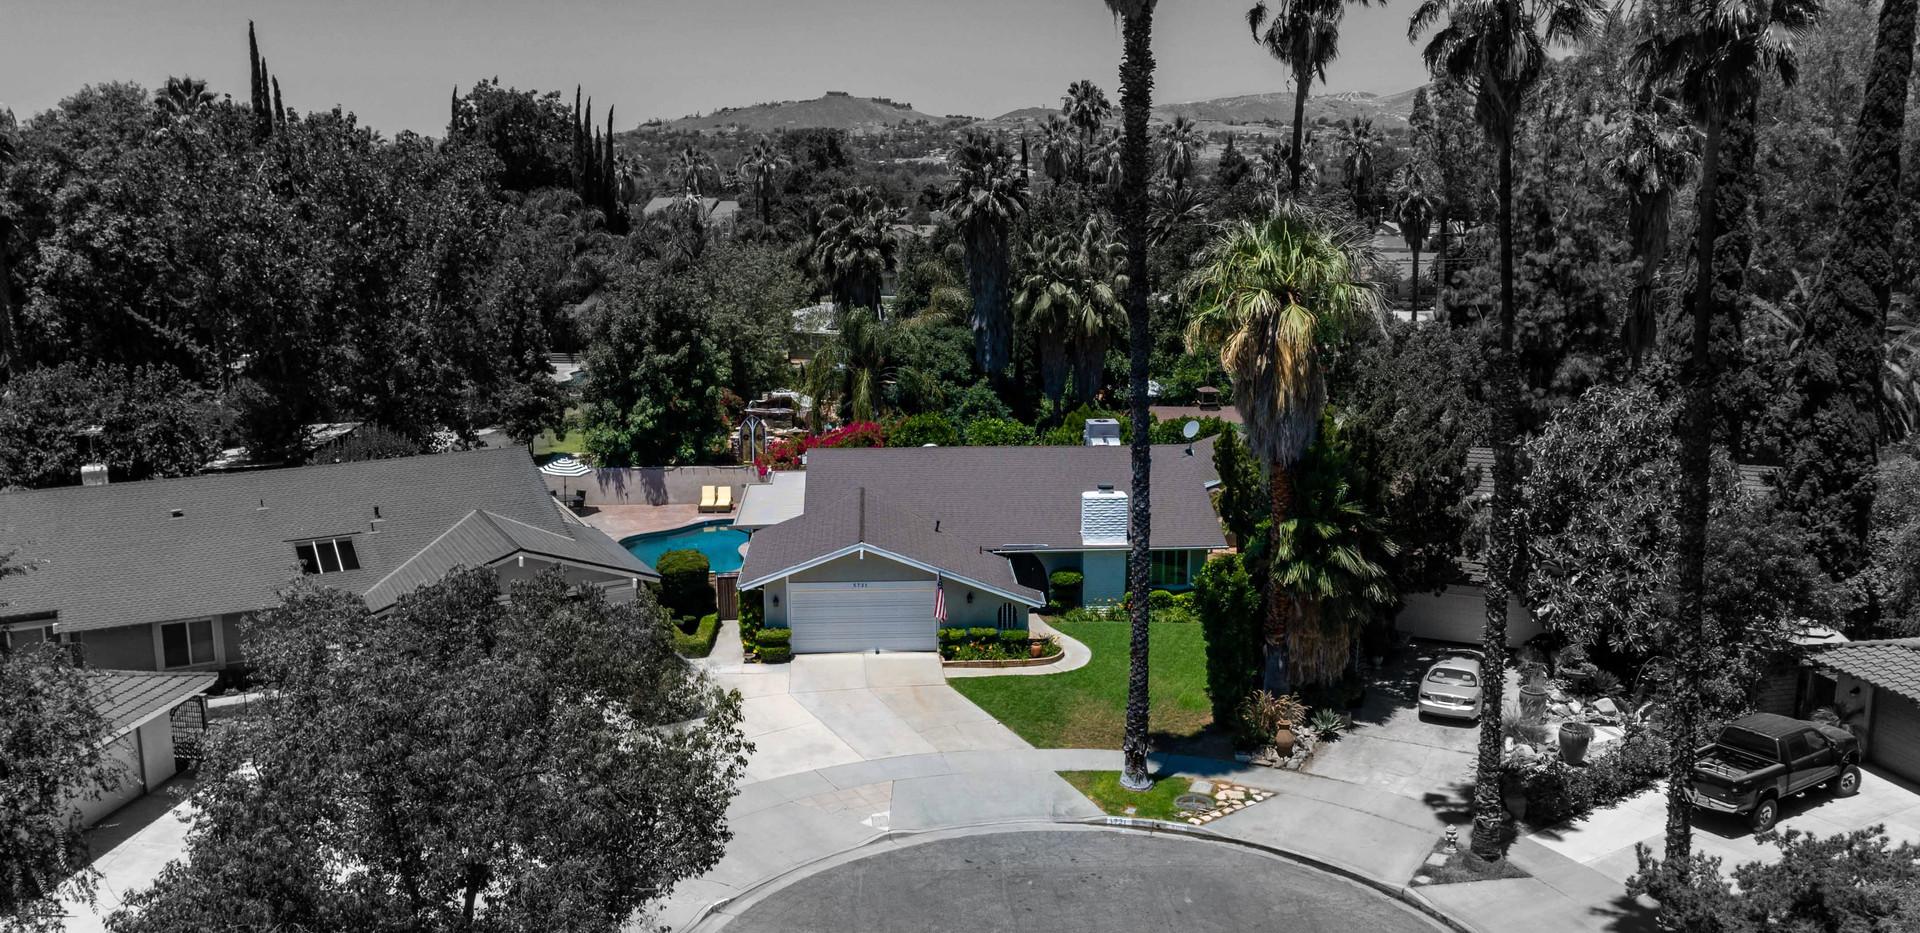 5721 Via Dos Caminos-aerial-6 bw.jpg